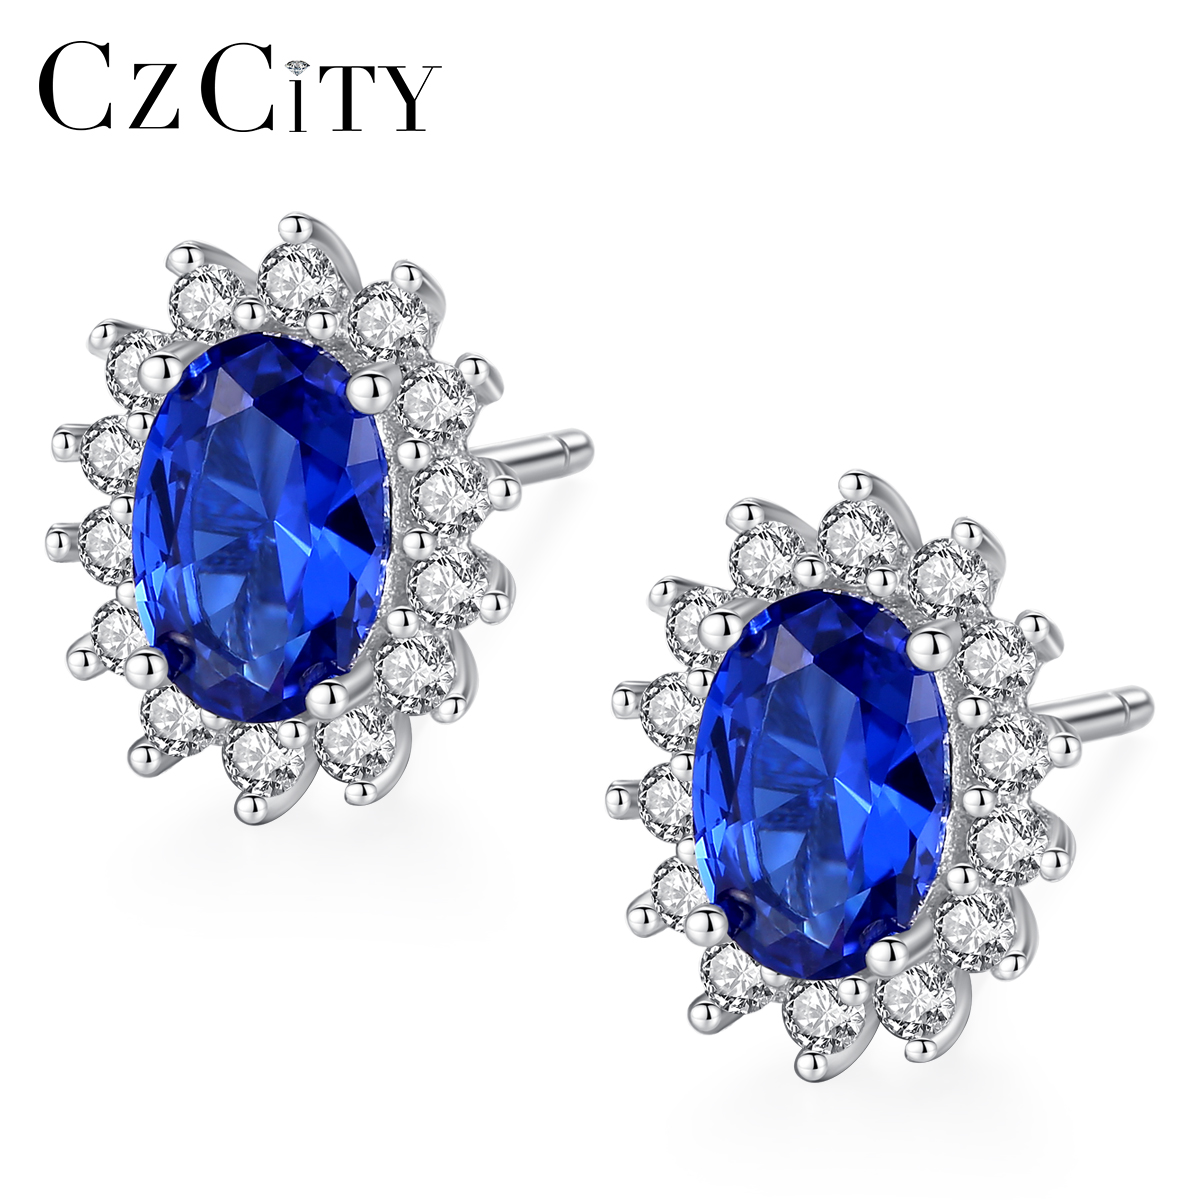 CZCITY Neue Natürliche Birthstone Royal Blue Oval Topaz Stud Ohrringe Mit Solide 925 Sterling Silber Edlen Schmuck Für Frauen Brincos